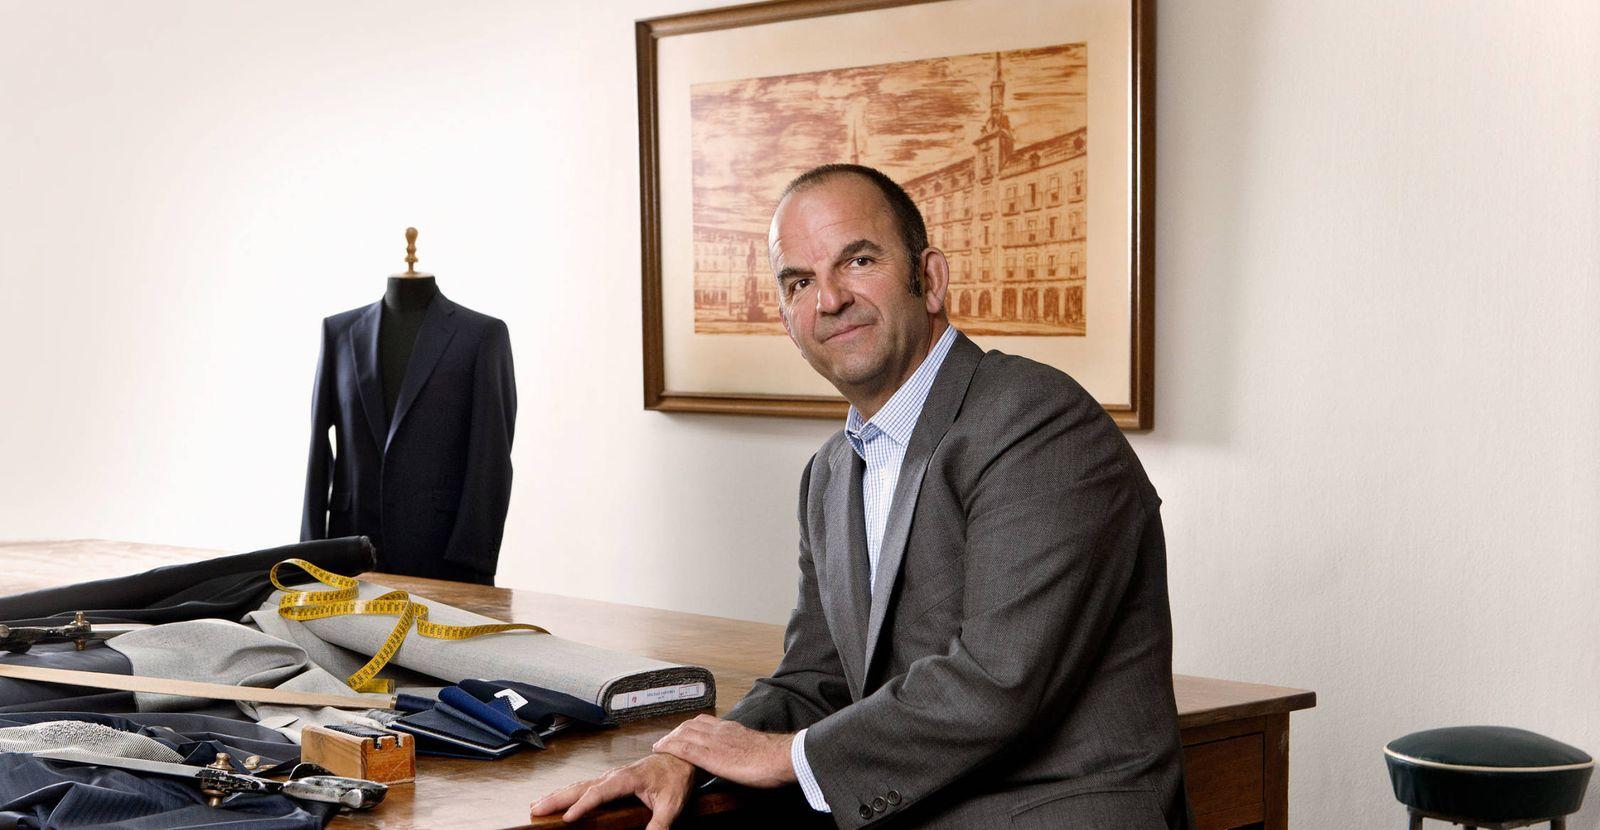 Foto: Gonzalo Larraínzar, el sastre de don Juan Carlos.